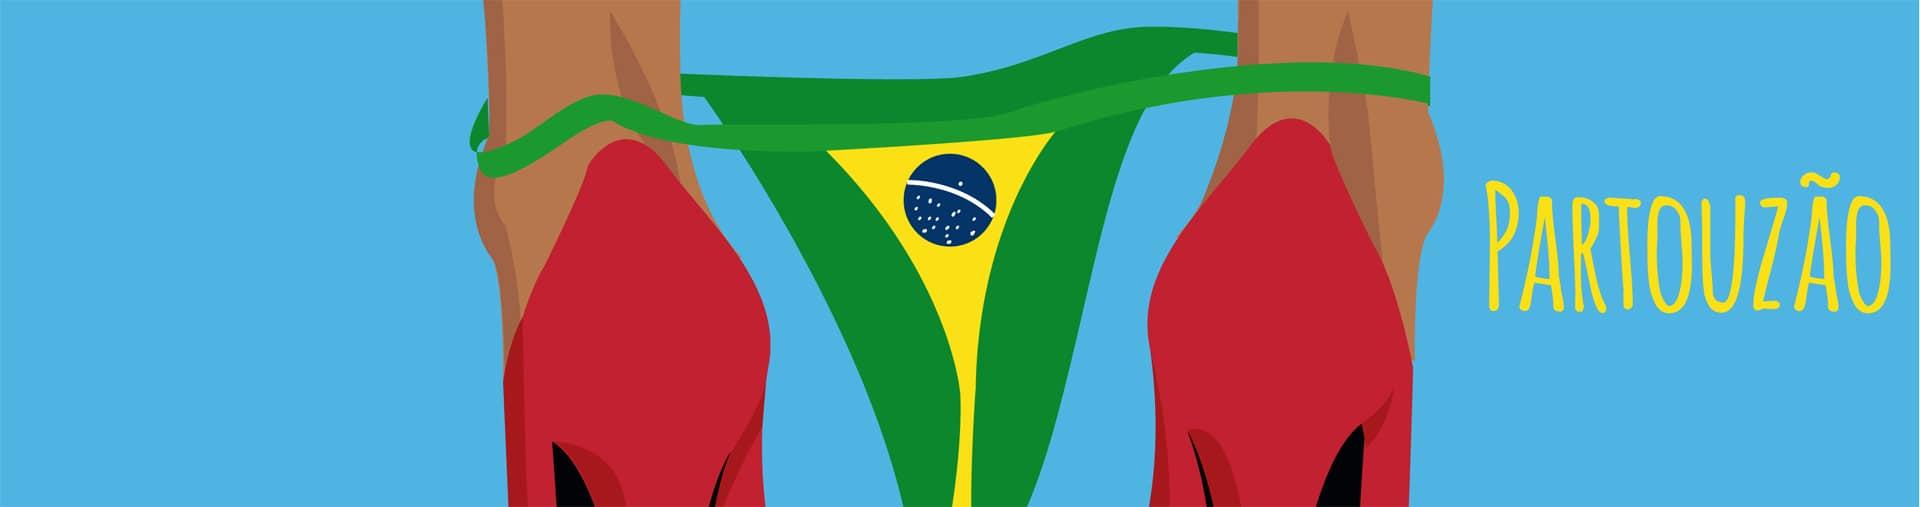 Partouze au Brésil